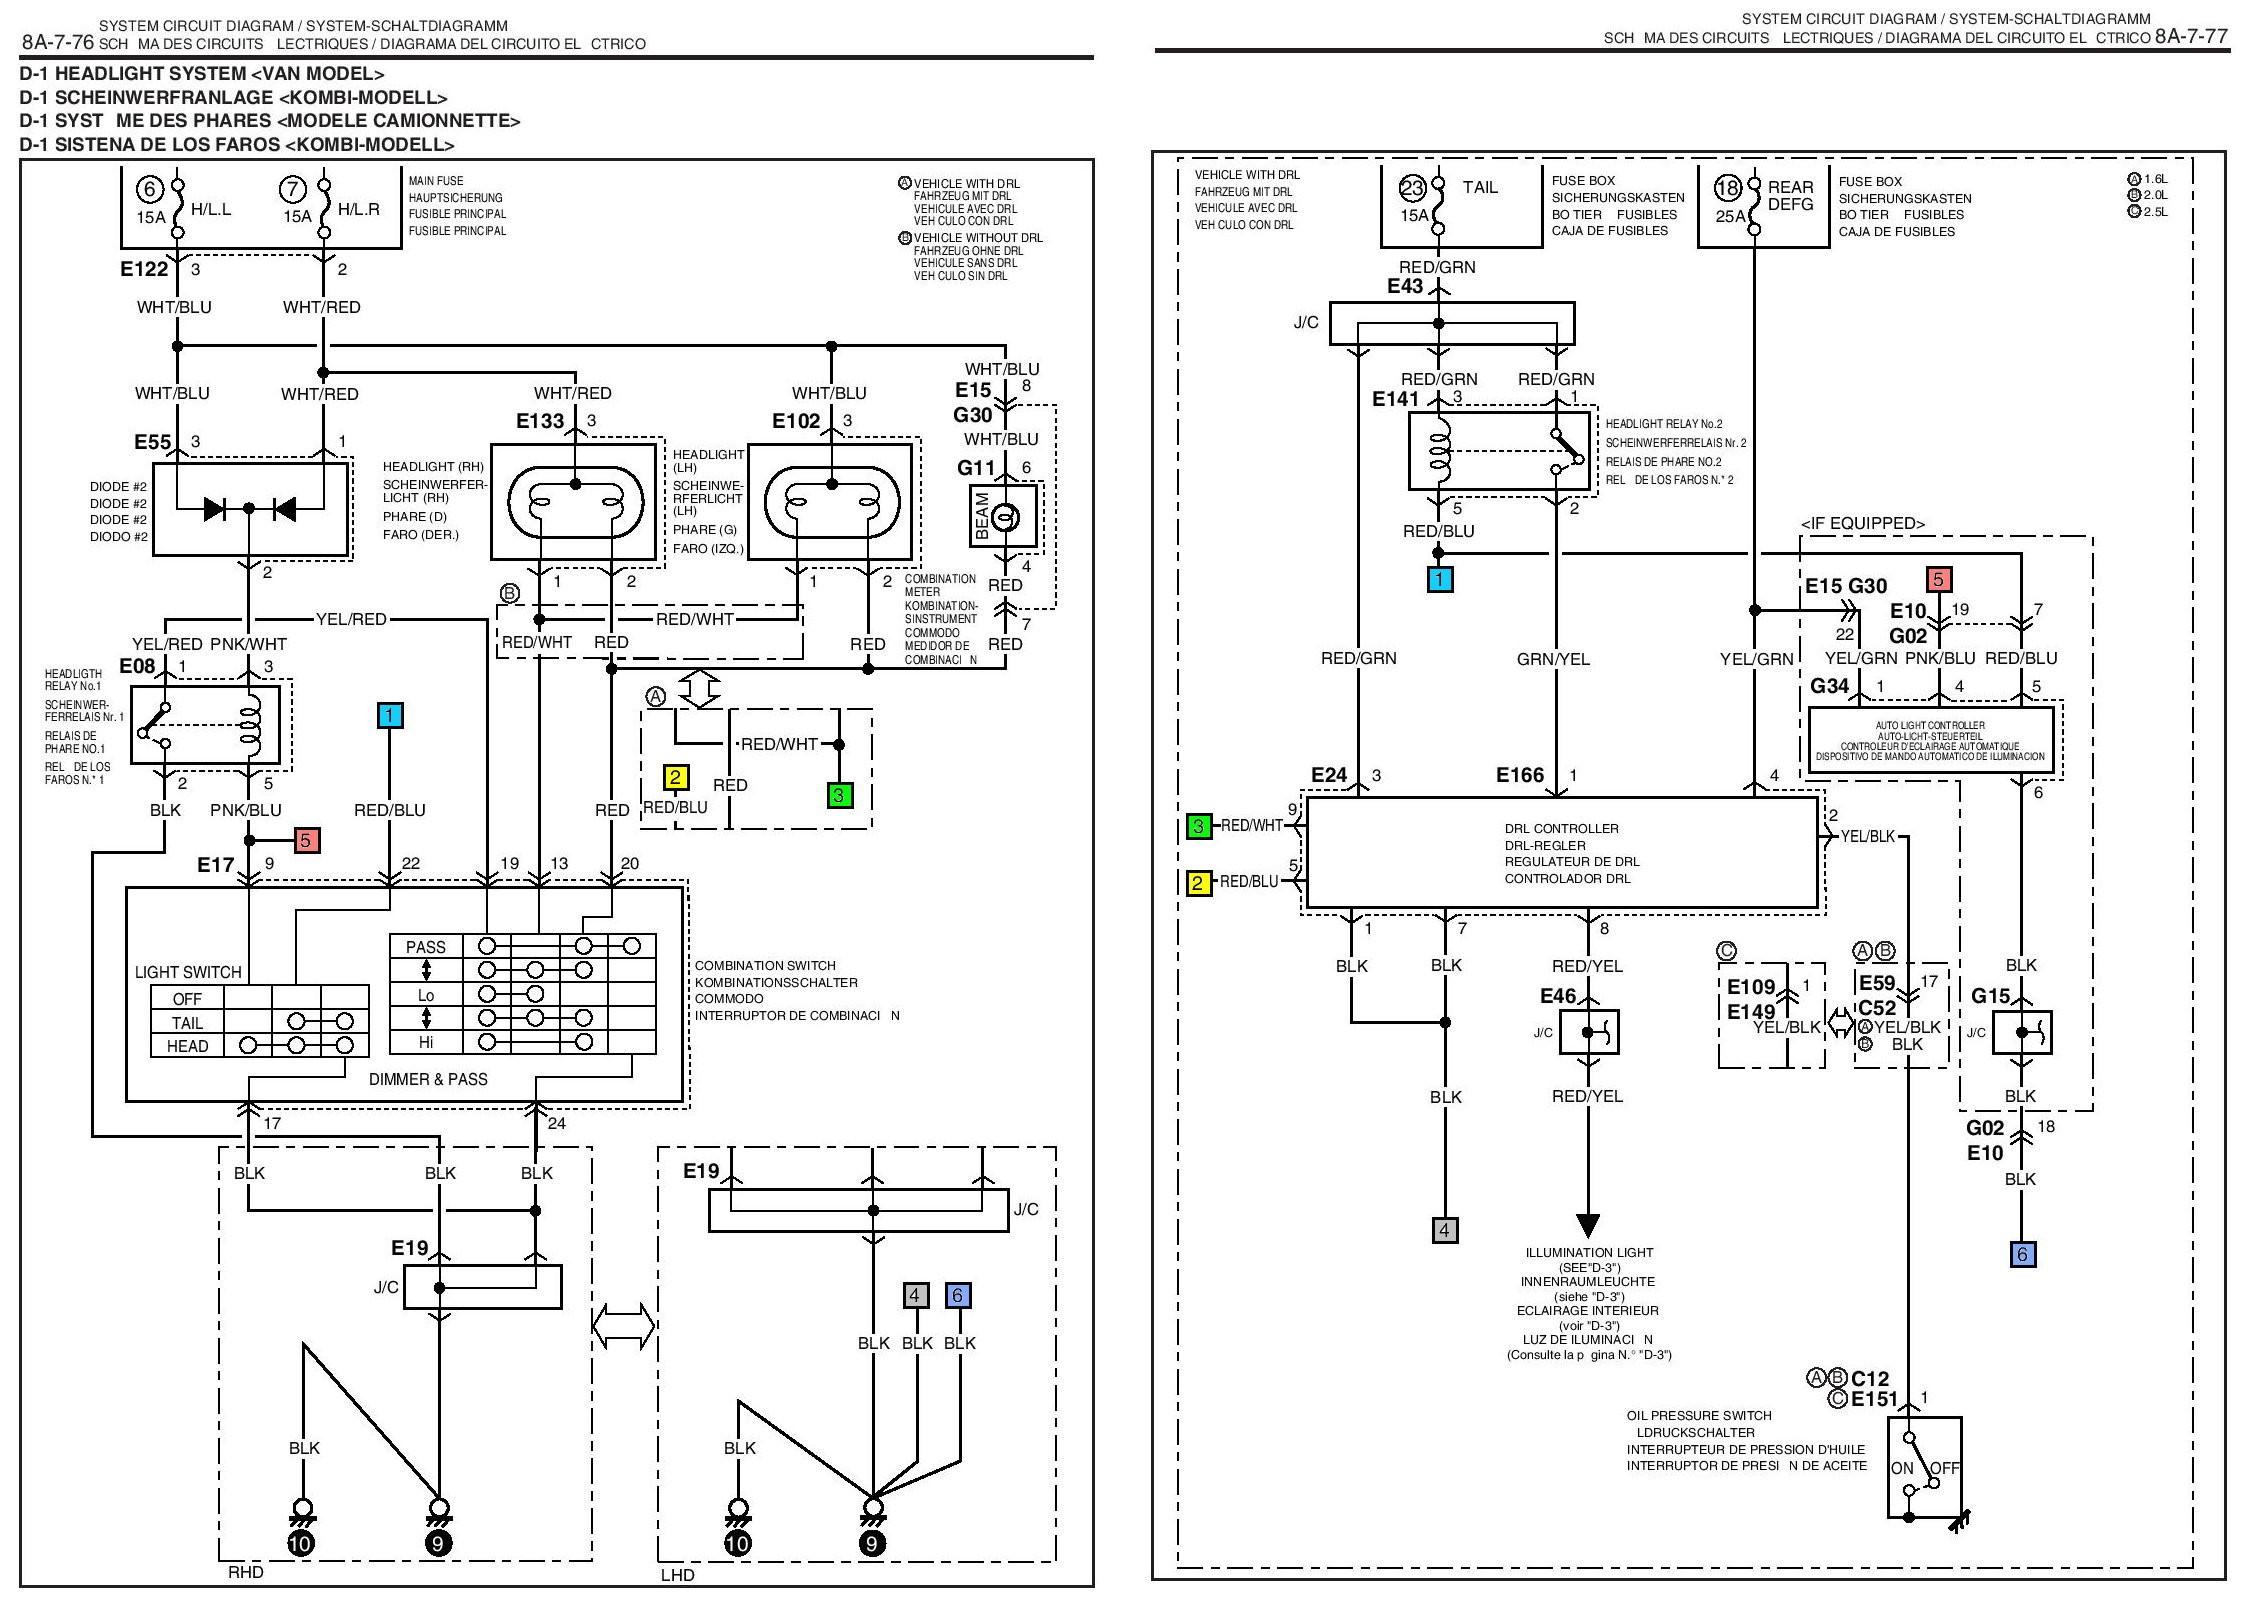 Suzuki Lt125 Wiring Diagram Data Motorcycle Engine X90 Diagrams Schematic 2003